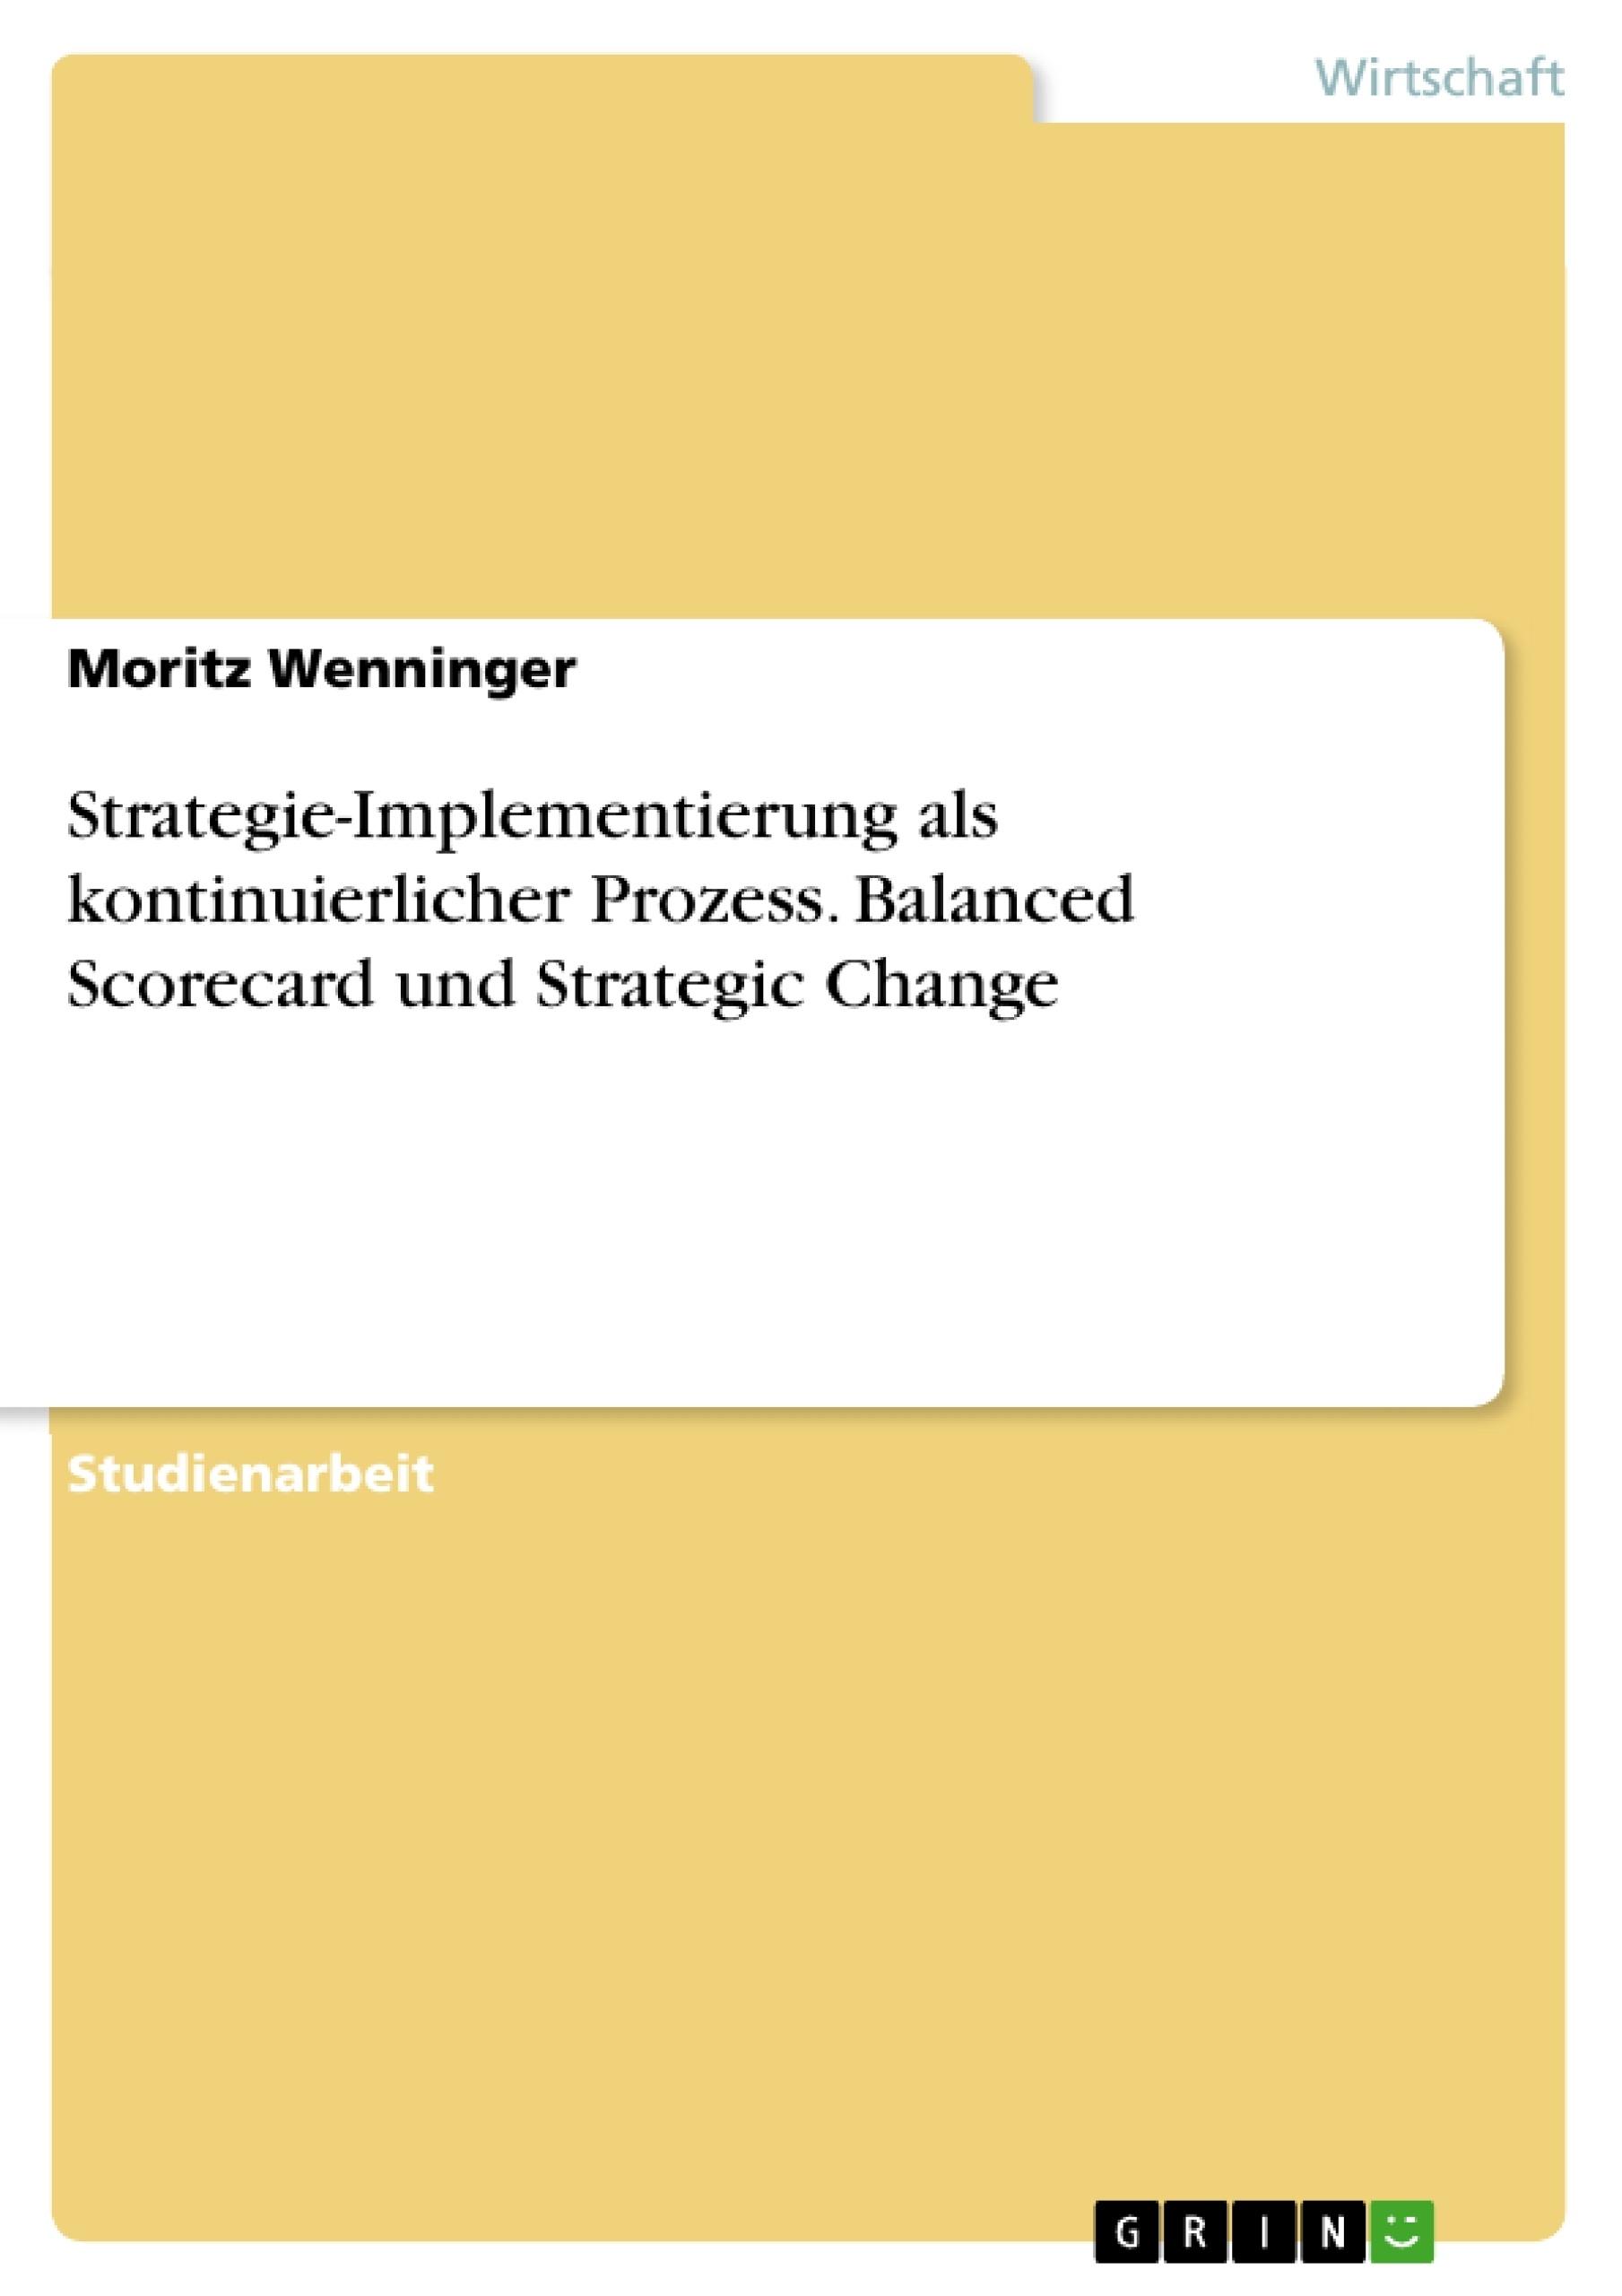 Titel: Strategie-Implementierung als kontinuierlicher Prozess. Balanced Scorecard und Strategic Change